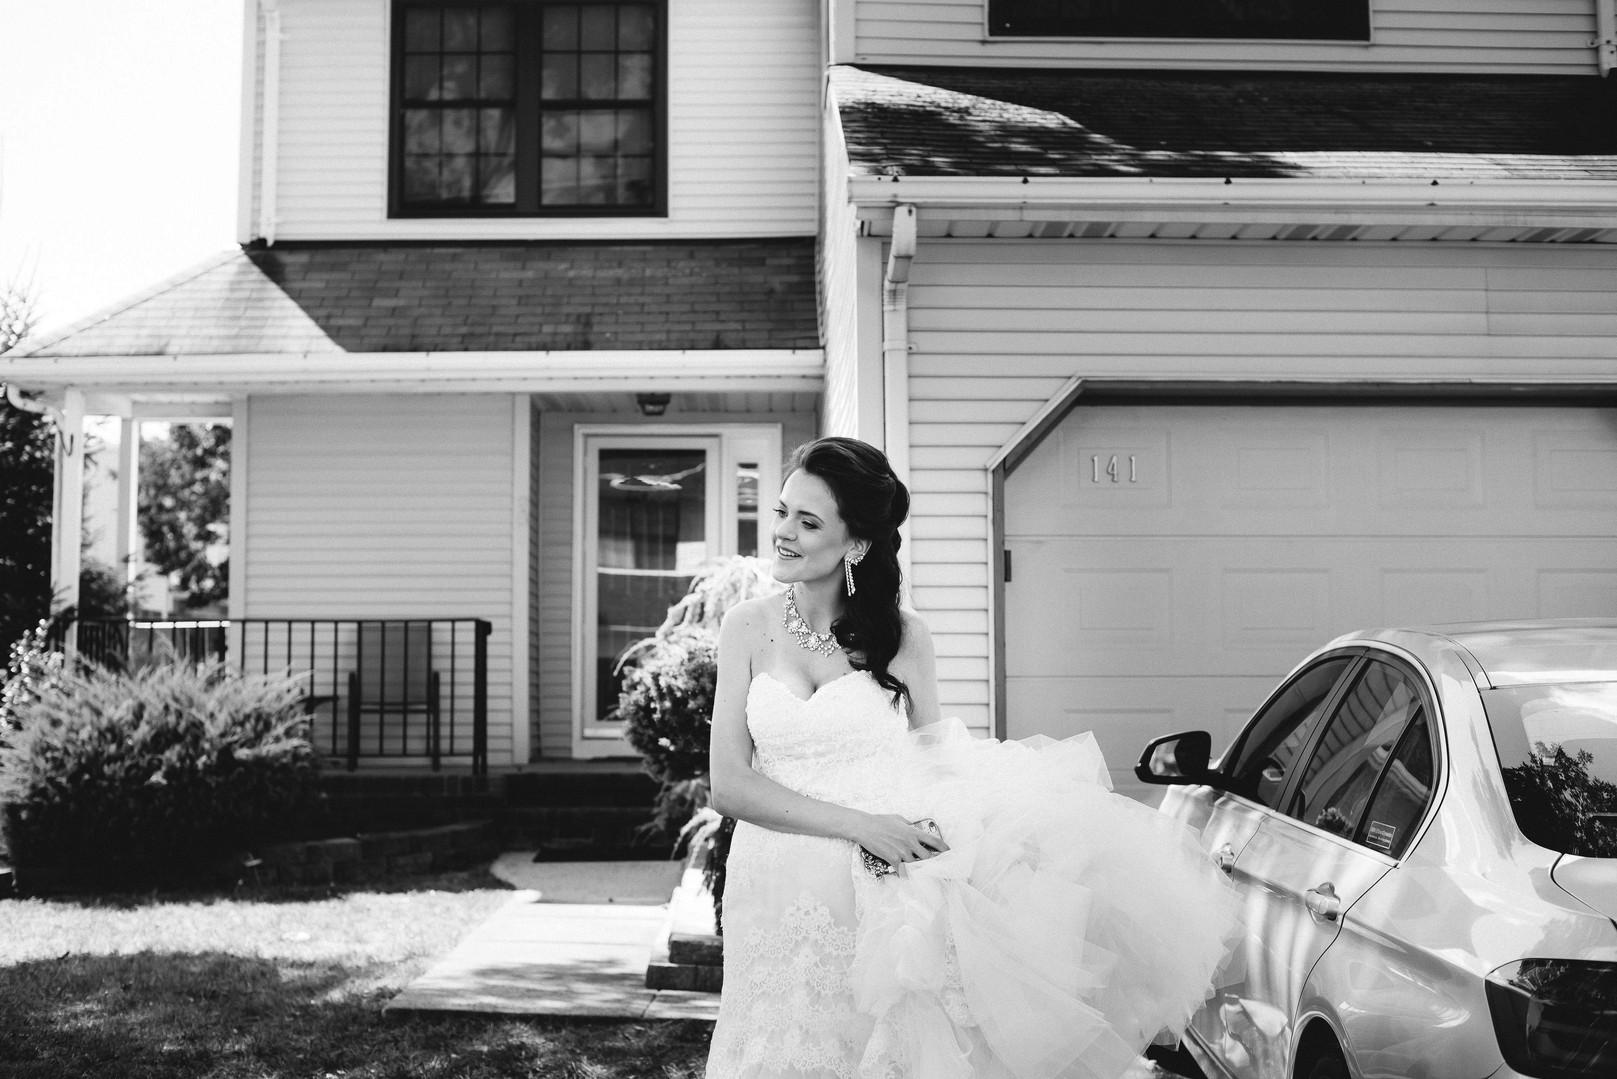 weddings-35-2.jpg